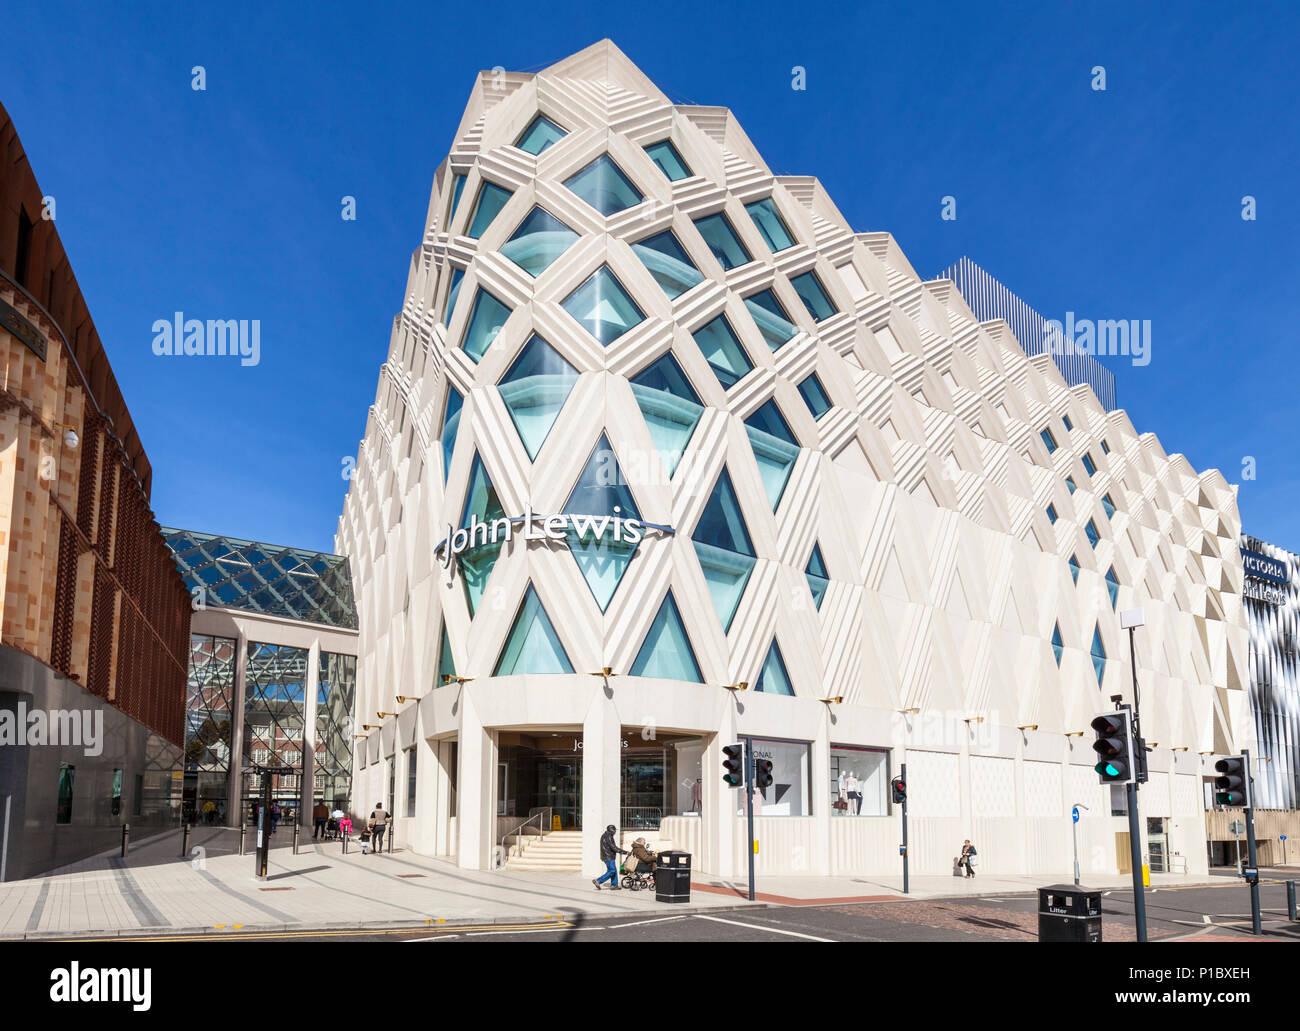 027a076d24 Victoria Einkaufszentrum Leeds Yorkshire England Leeds Yorkshire  viktorianischen Arkaden Fashion Designer Shops John Lewis Department Store  Leeds England ...